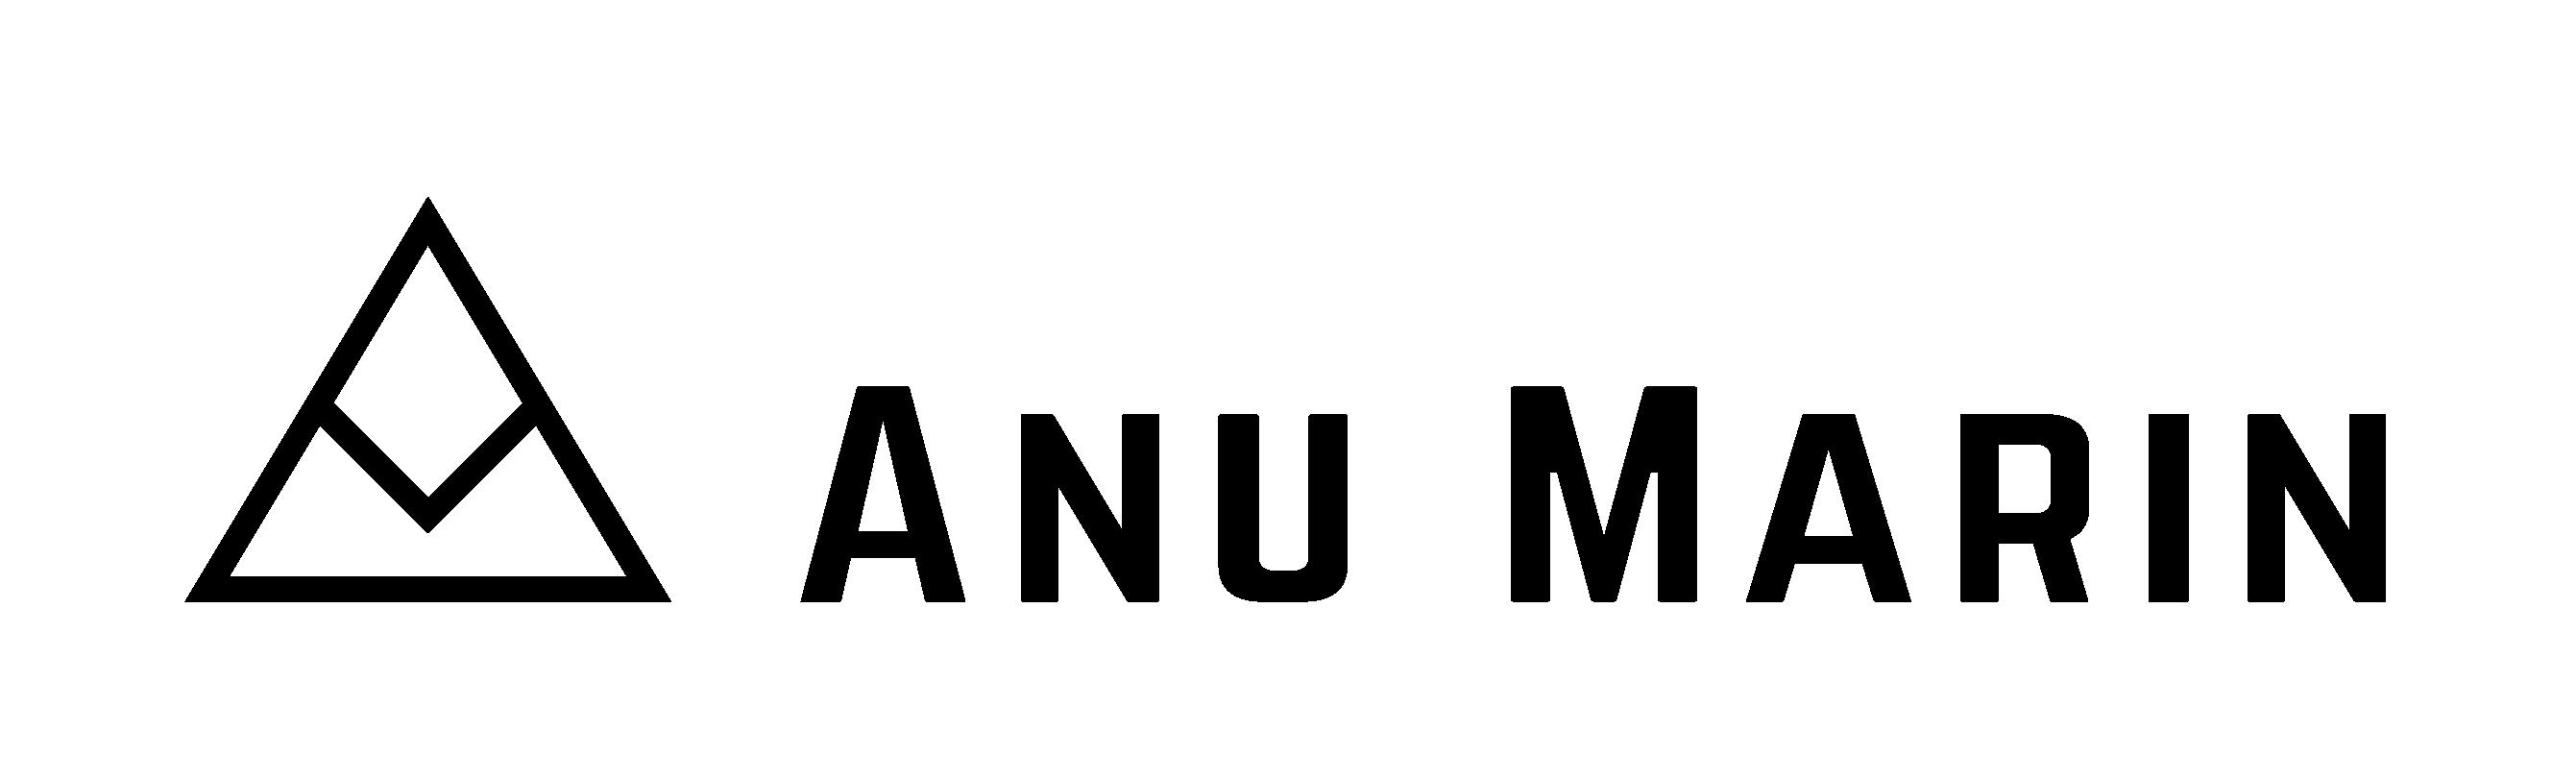 Anu Marin